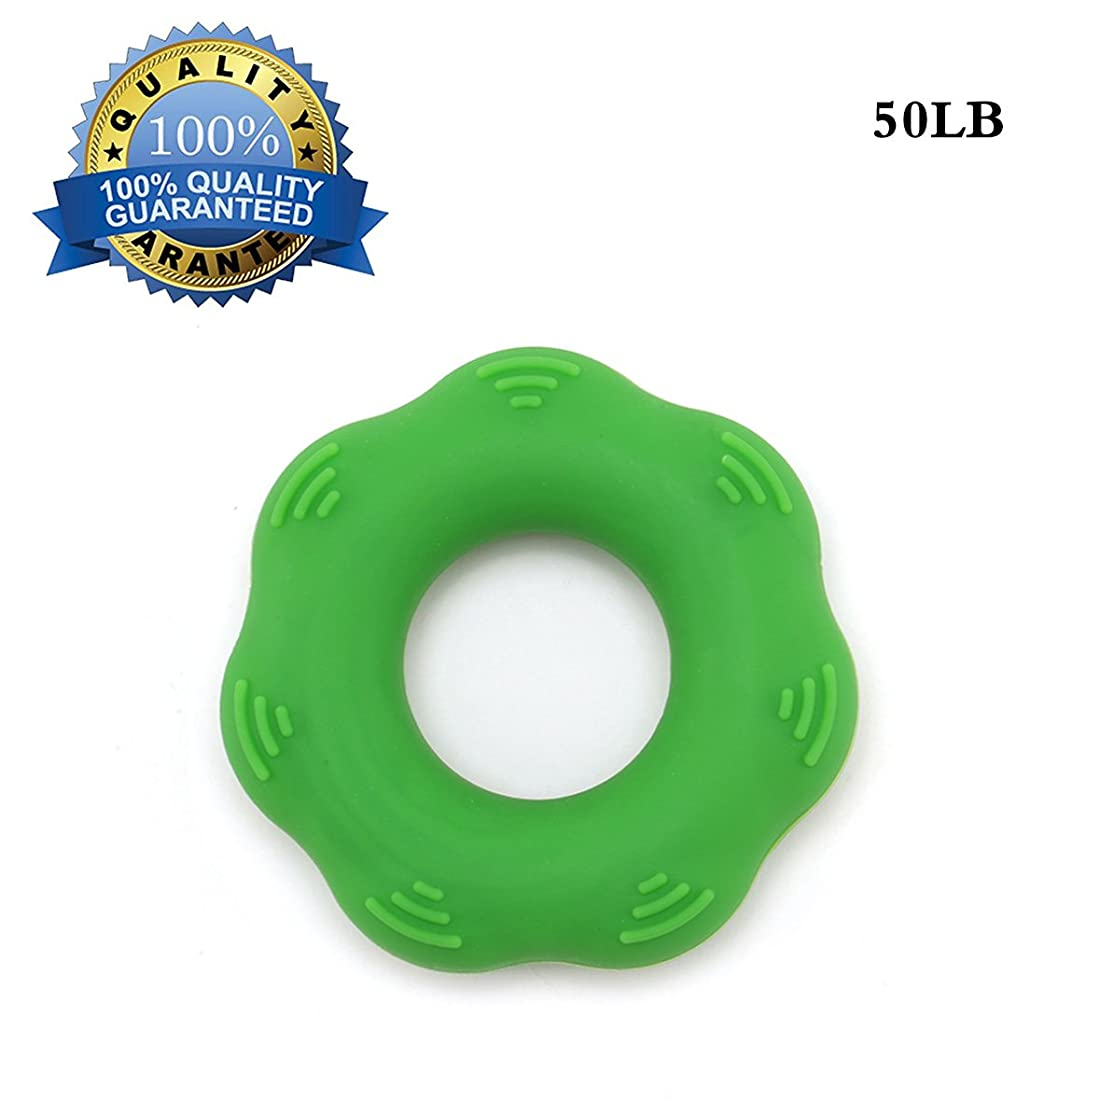 プロット下向き経過Quner 指トレーニング リングエクササイズ 筋トレ指の強化 手の機能回復 全6色 シリコン製 リハビリ用品 ストレス解消